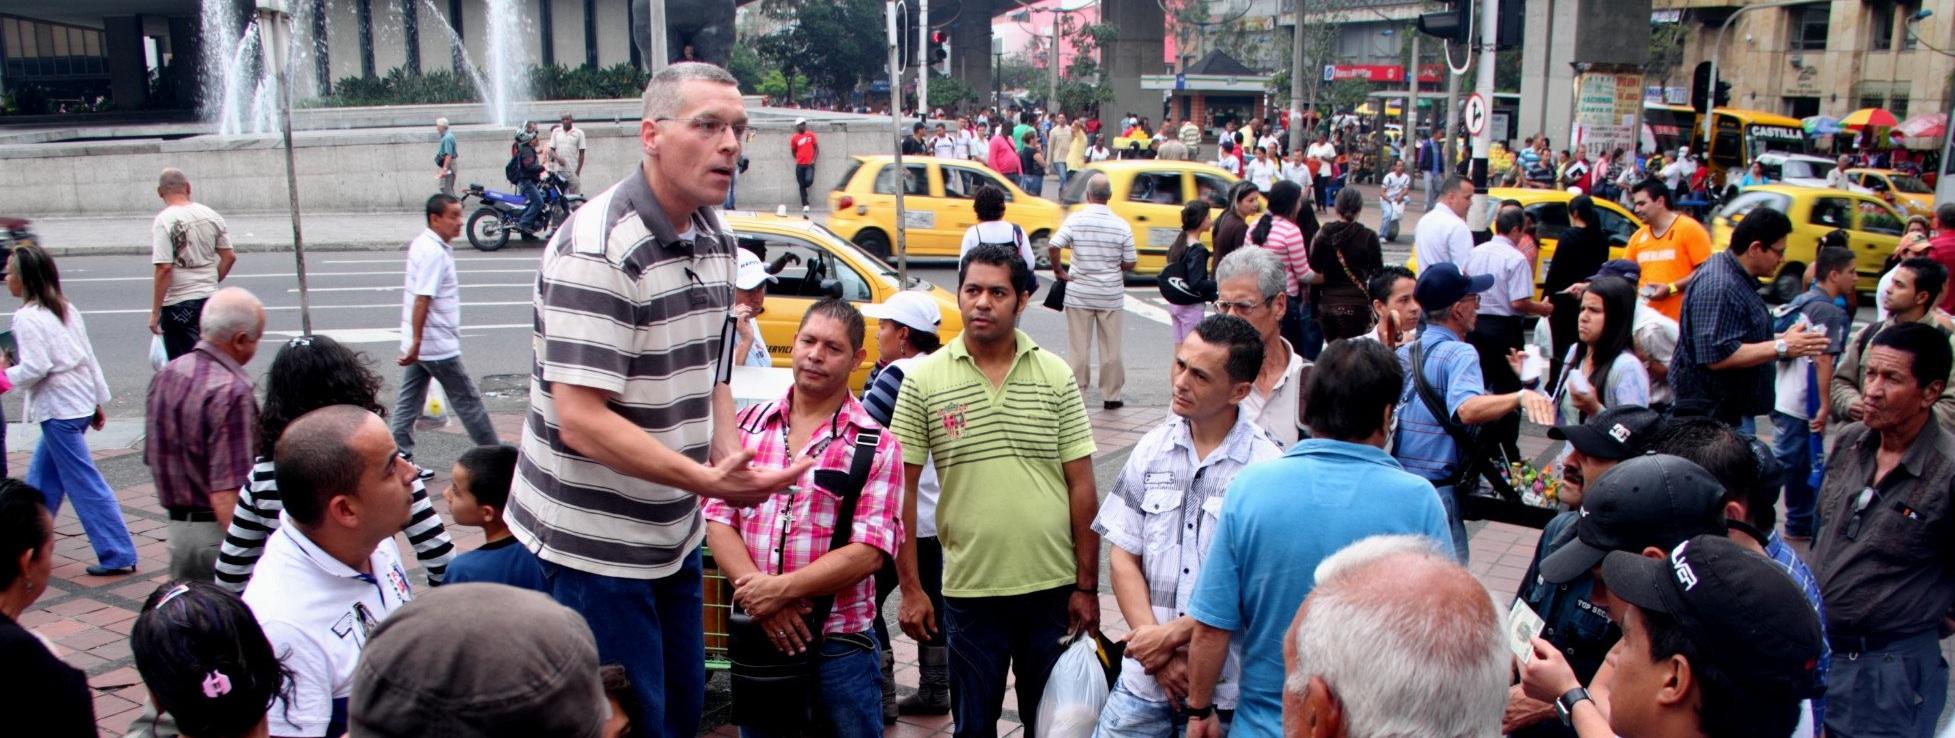 Evangelismo al aire libre en Colombia